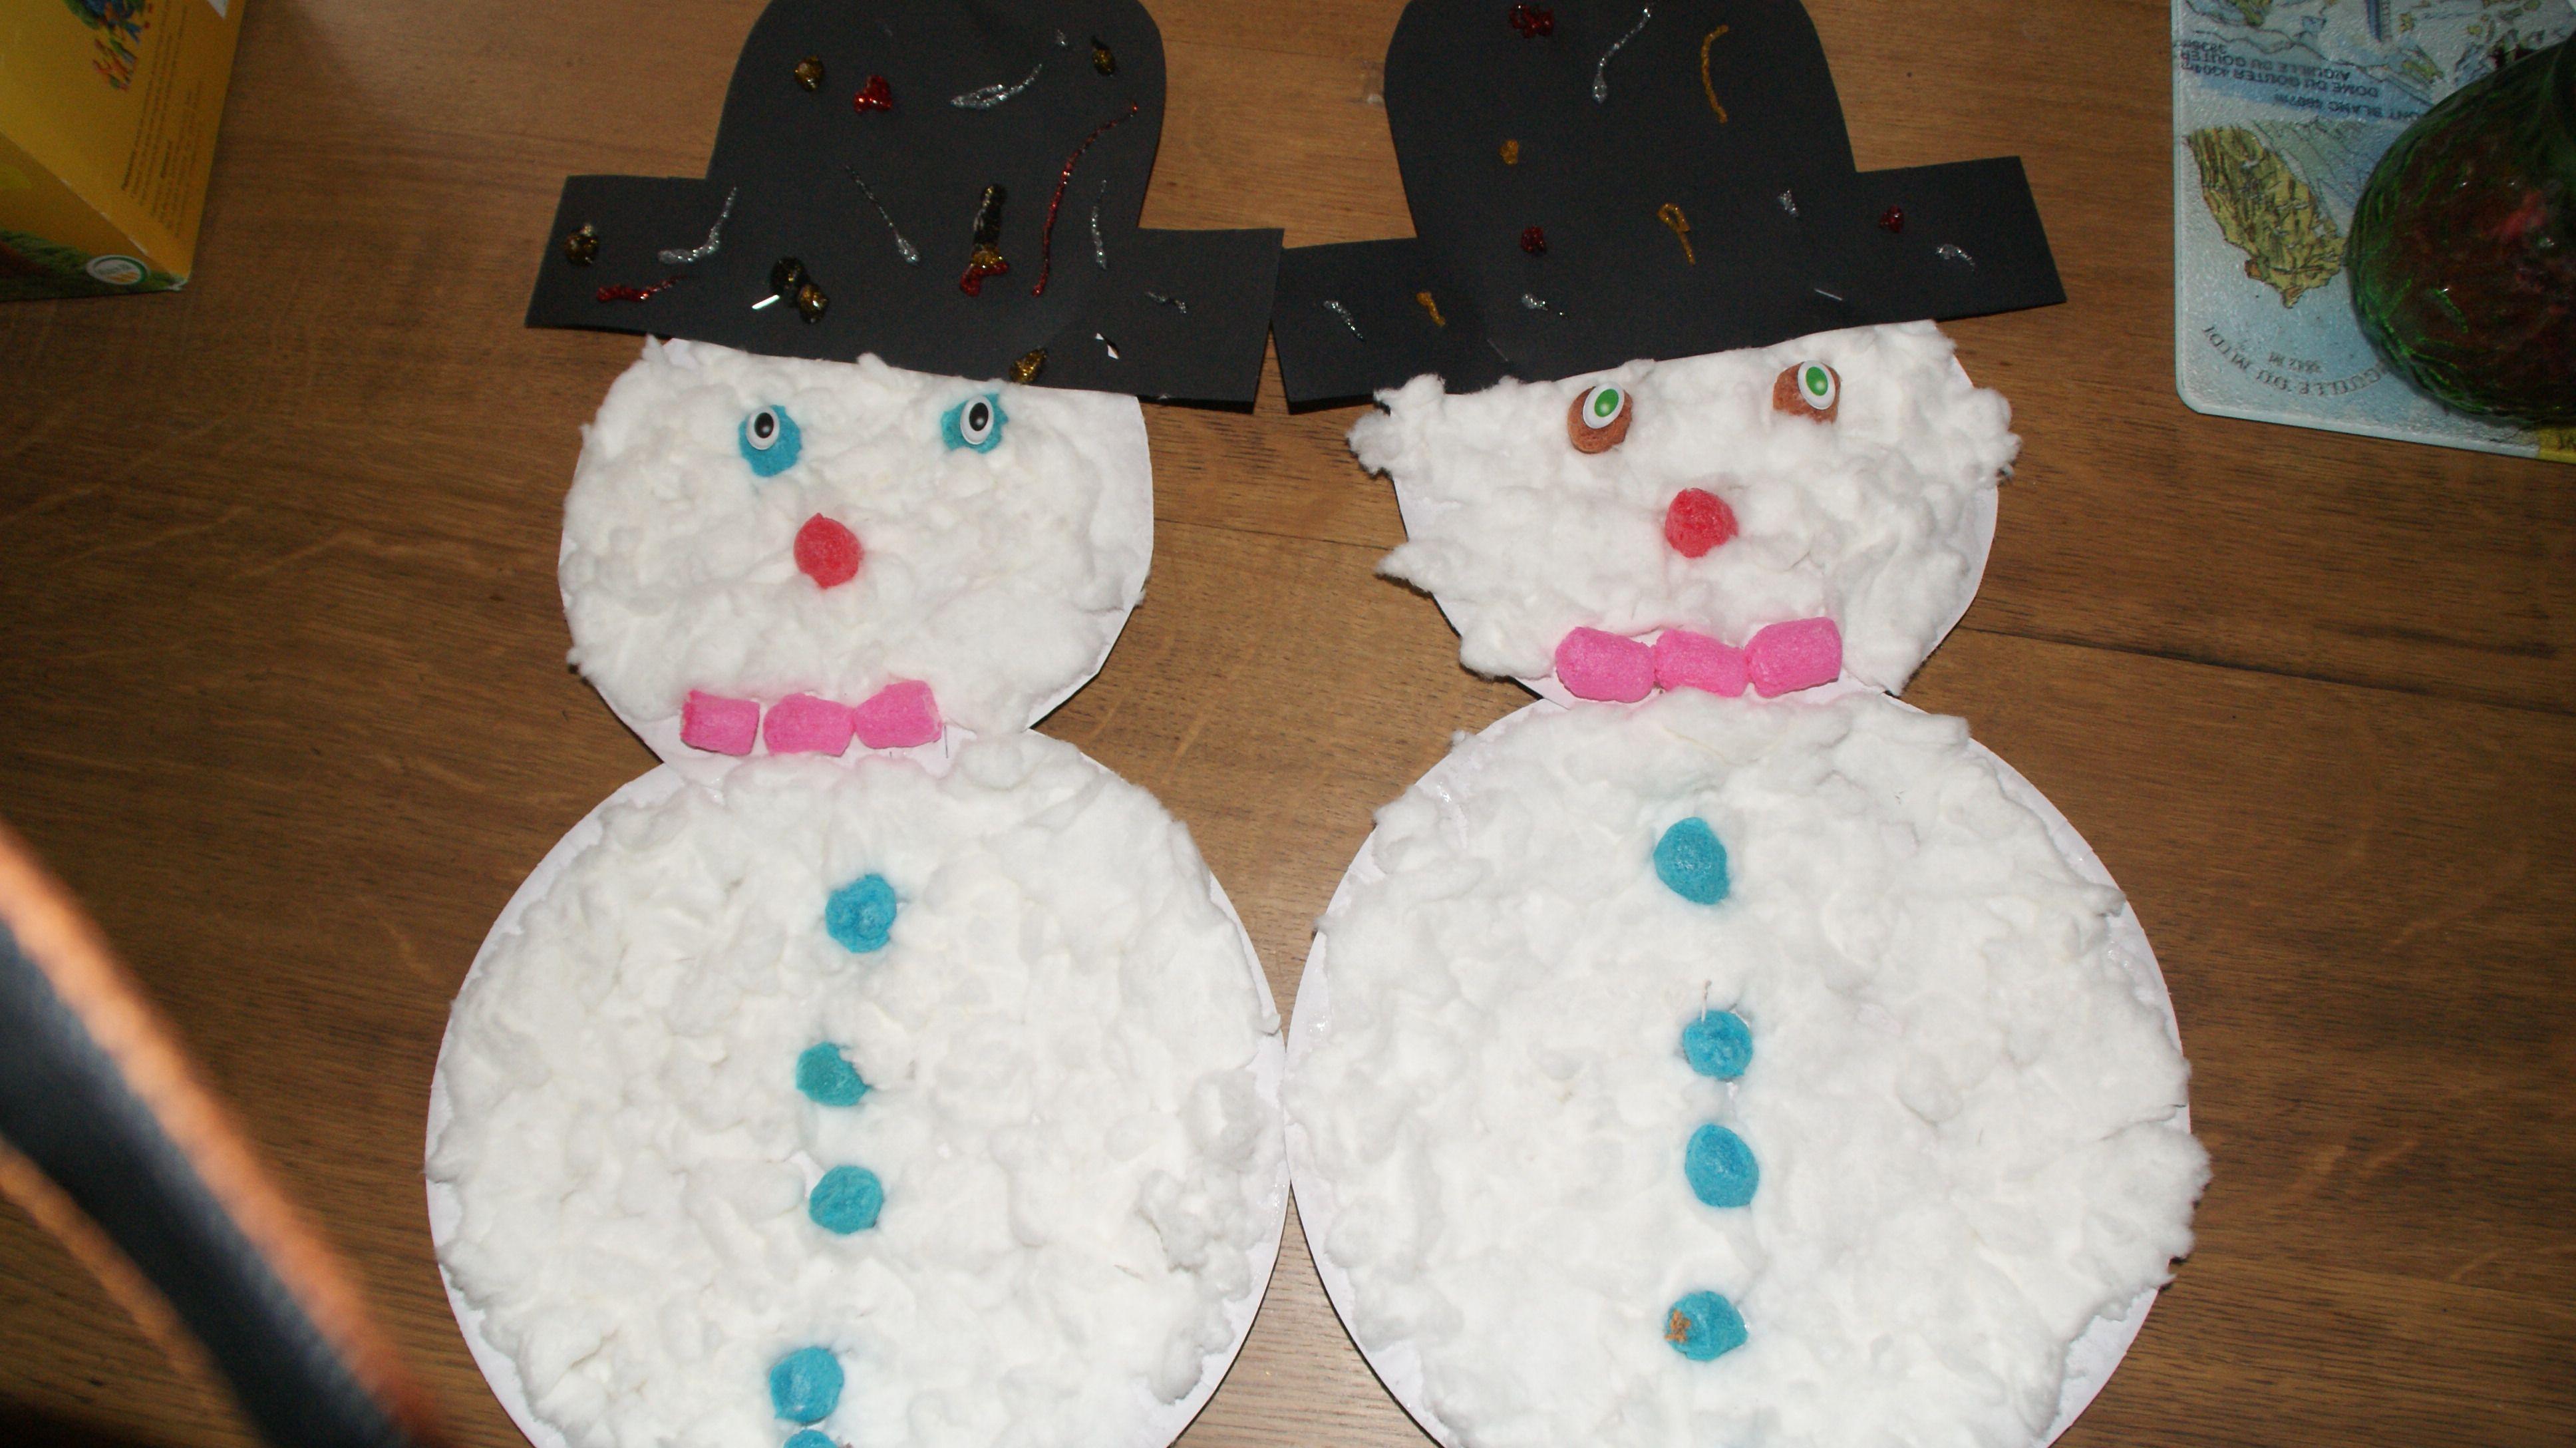 #664223 Noël 6333 décoration noel a fabriquer bonhomme de neige 3872x2176 px @ aertt.com